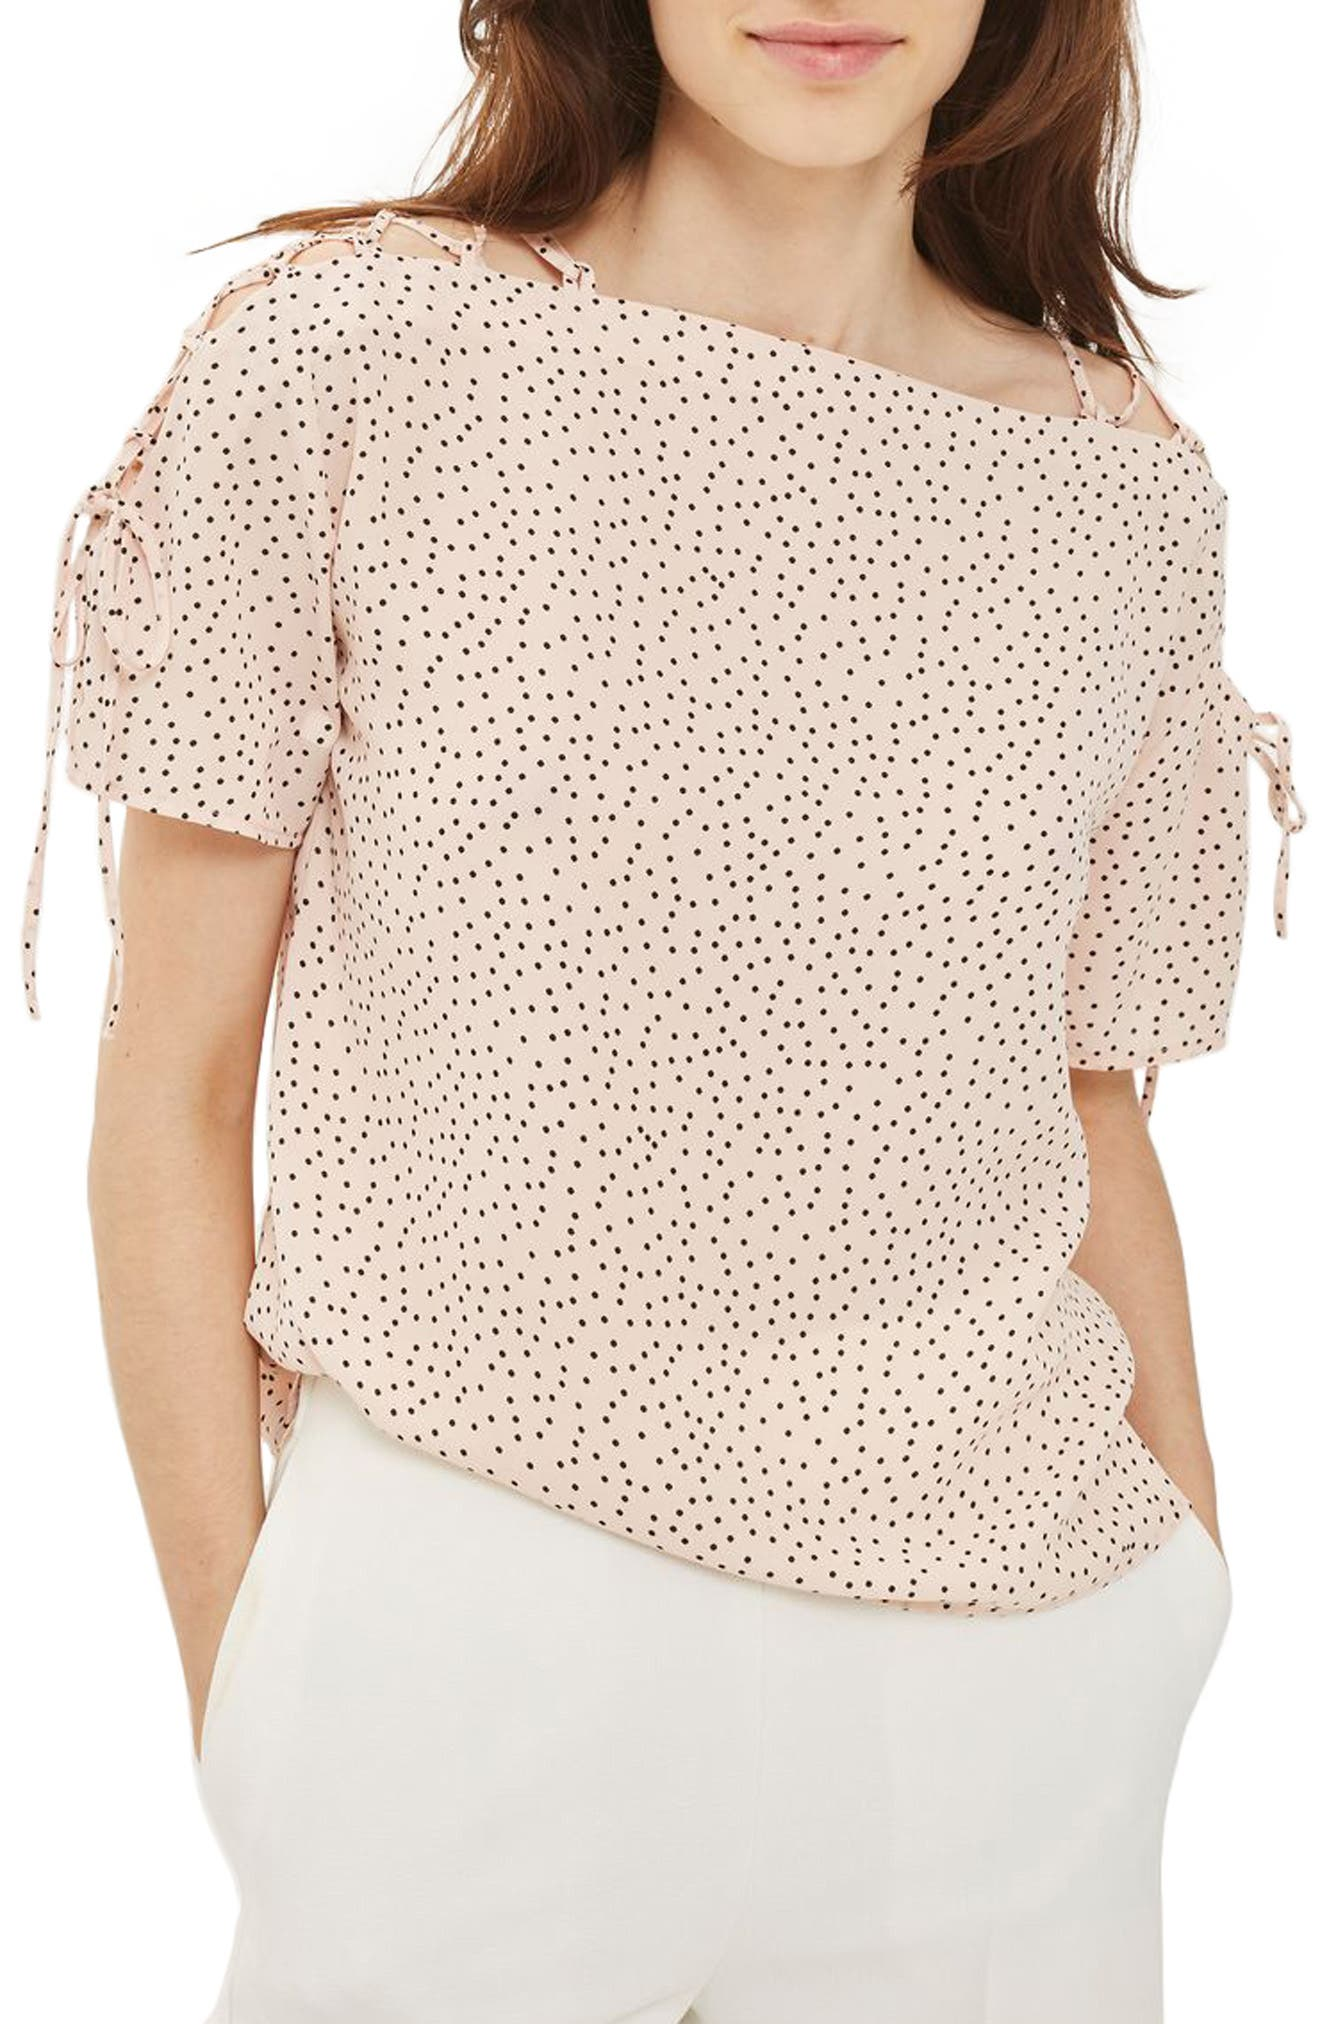 Topshop Spot Lattice Shoulder Top